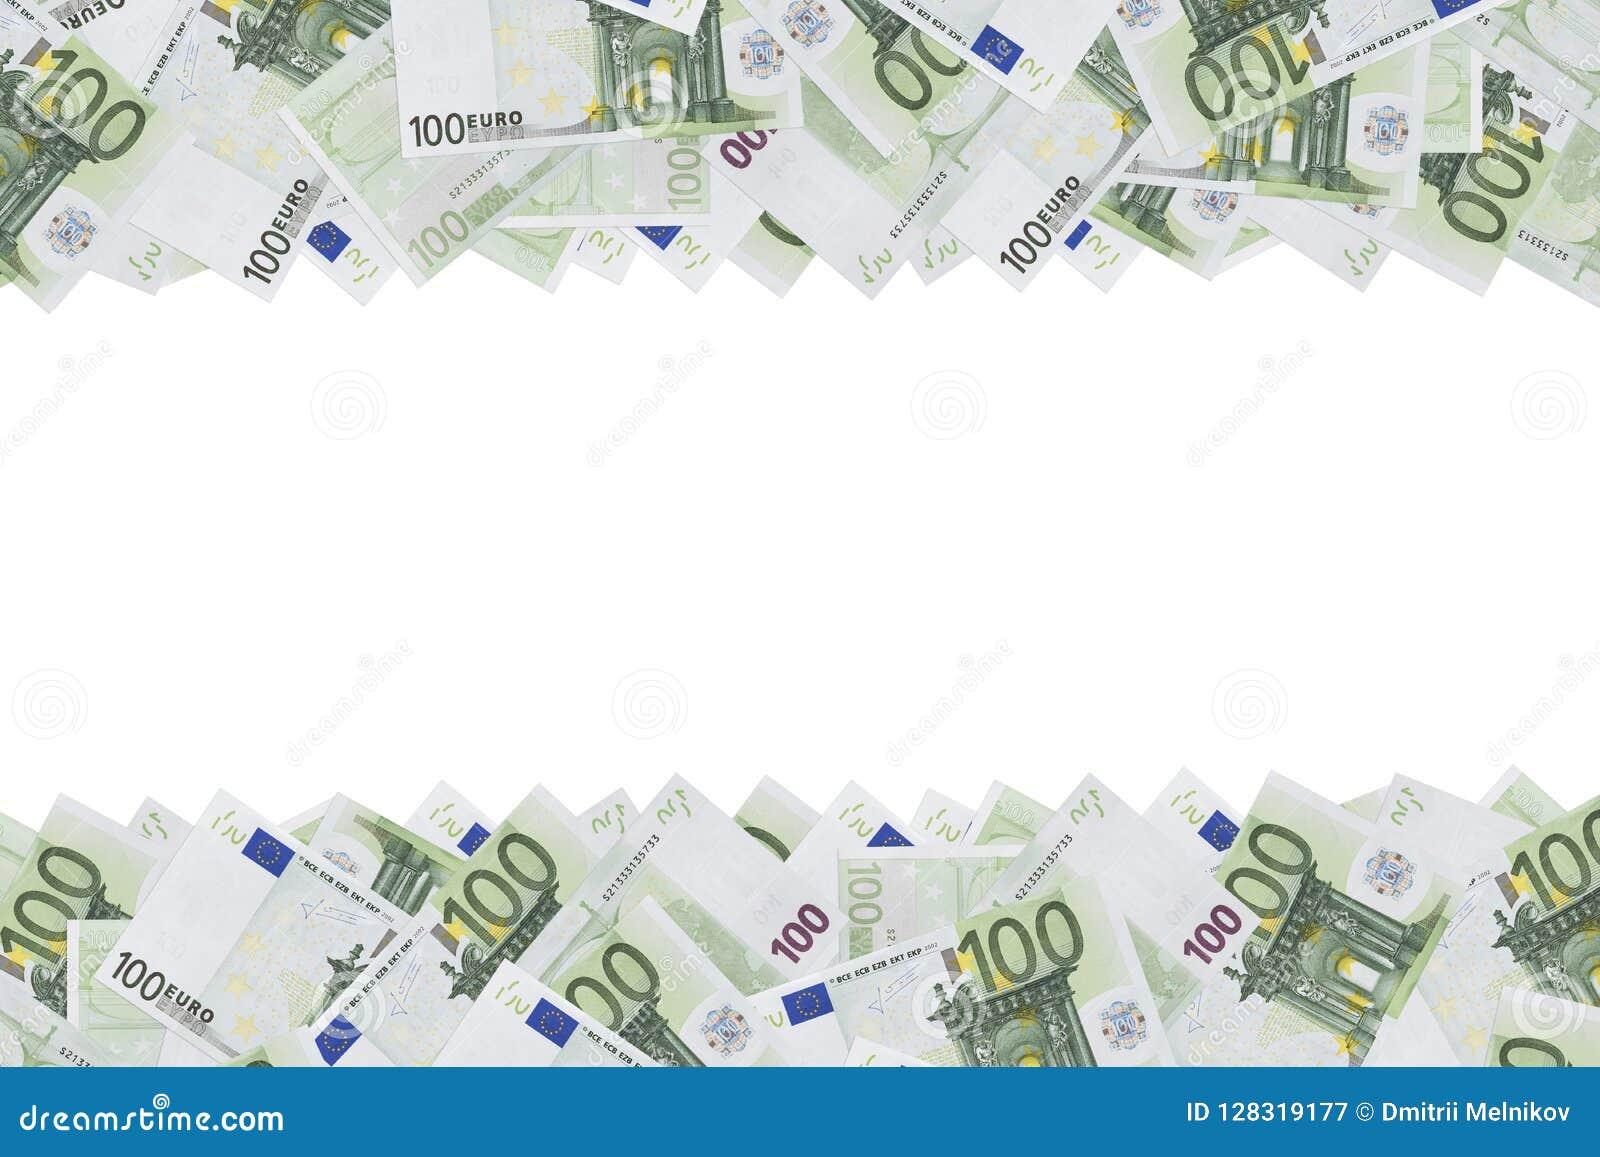 Hundert Eurobanknoten-Beschaffenheitshintergrund Hälfte des Hintergrundes wird mit Haushaltplänen von 100 Euros gefüllt Kopieren